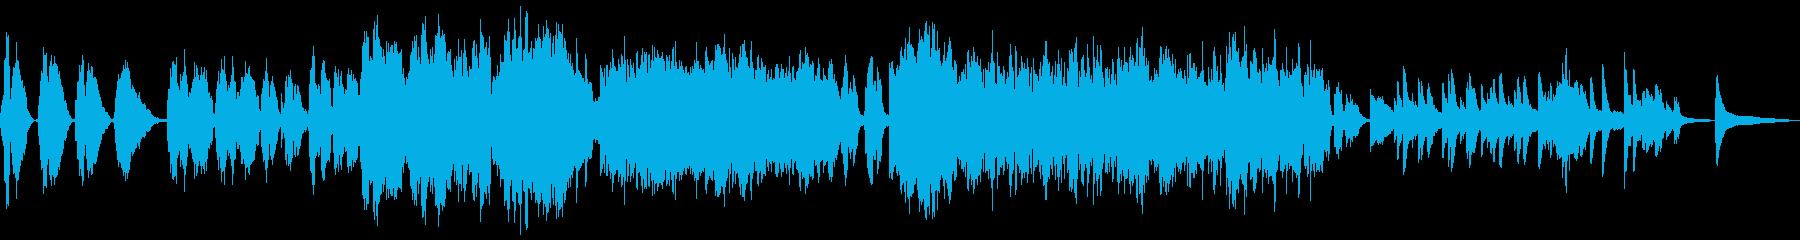 映画やゲームのエンディング曲に最適です。の再生済みの波形